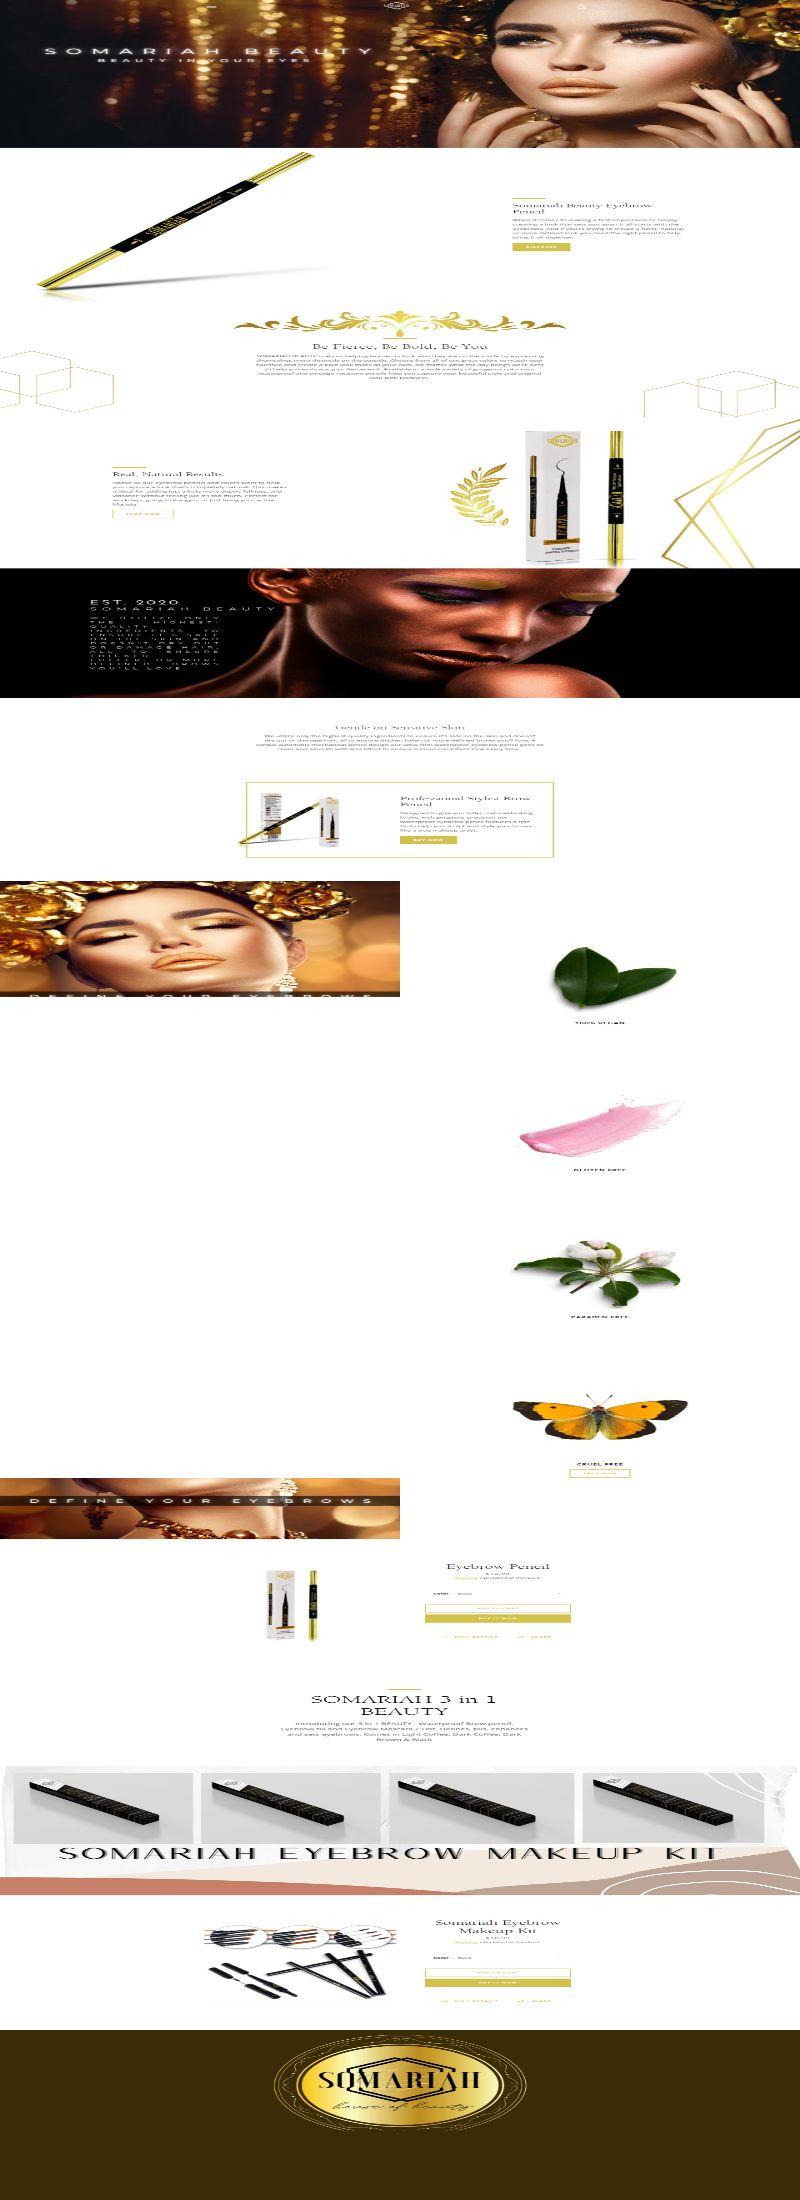 somariahbeauty.com